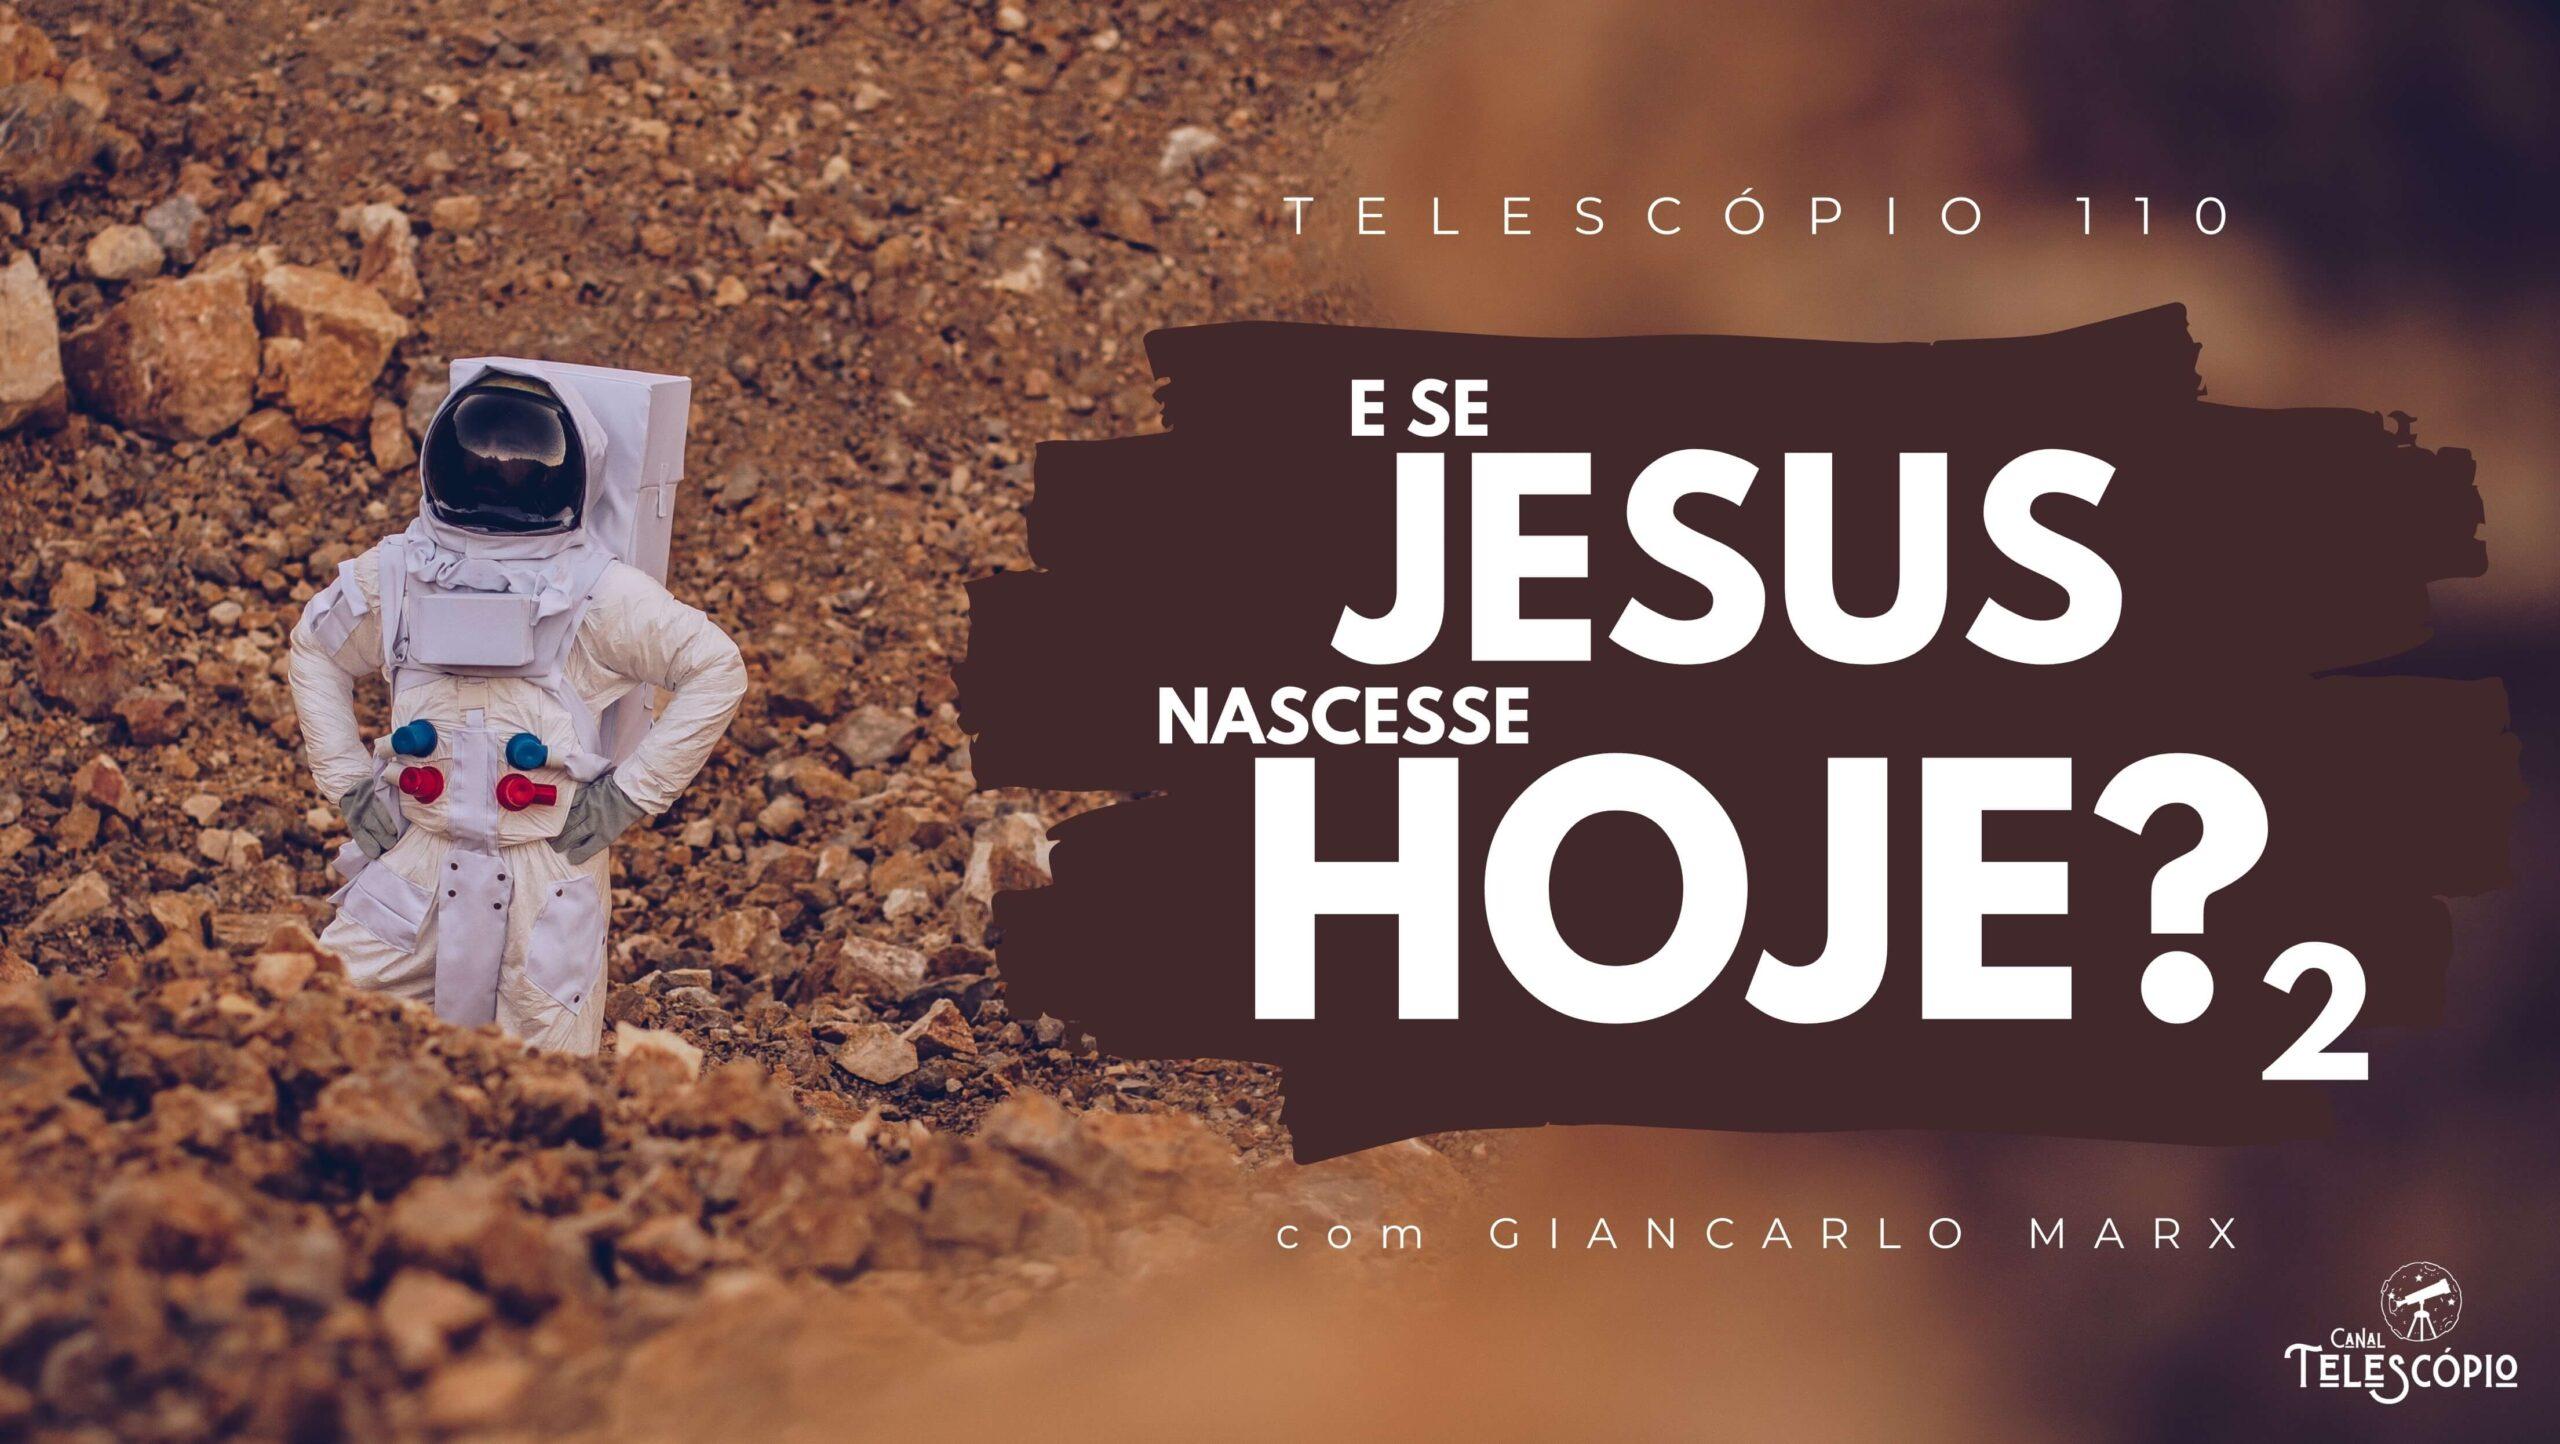 """Imagem de fundo com astronauta em ambiente desértico. Na frente, letreiro com o título do programa: """"E se Jesus Nascesse Hoje? 2 - com Giancarlo Marx""""."""